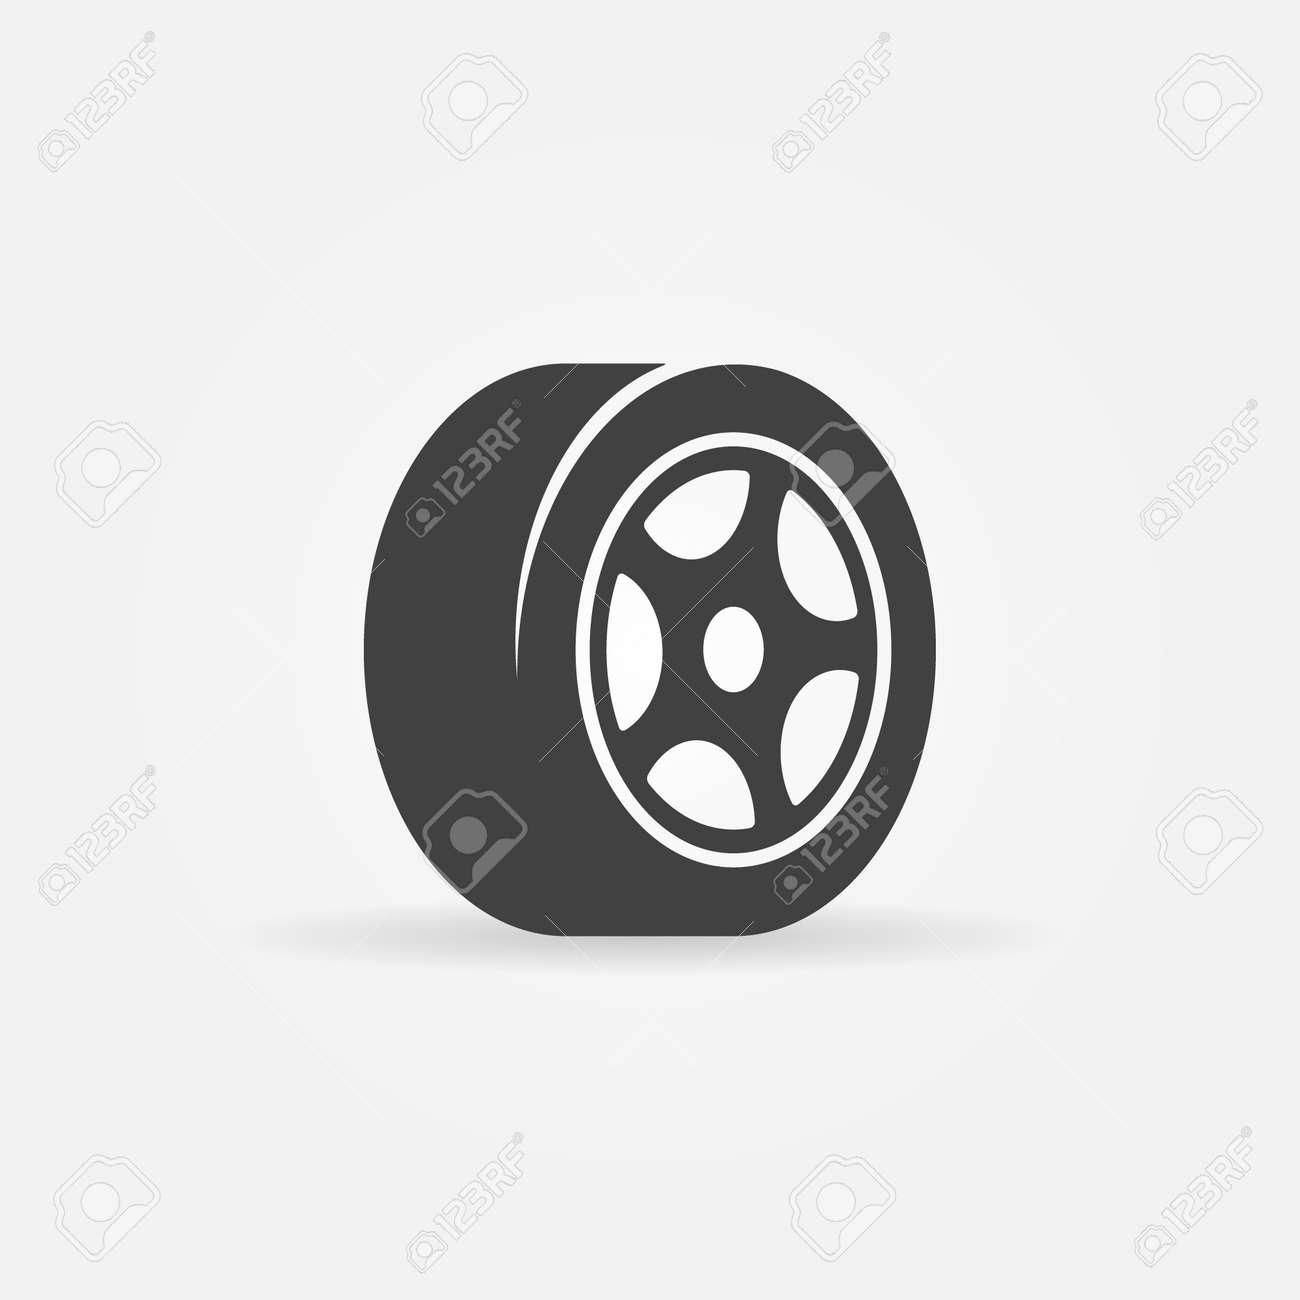 Vector tyre symbol or icon - black car tire logo - 38545749